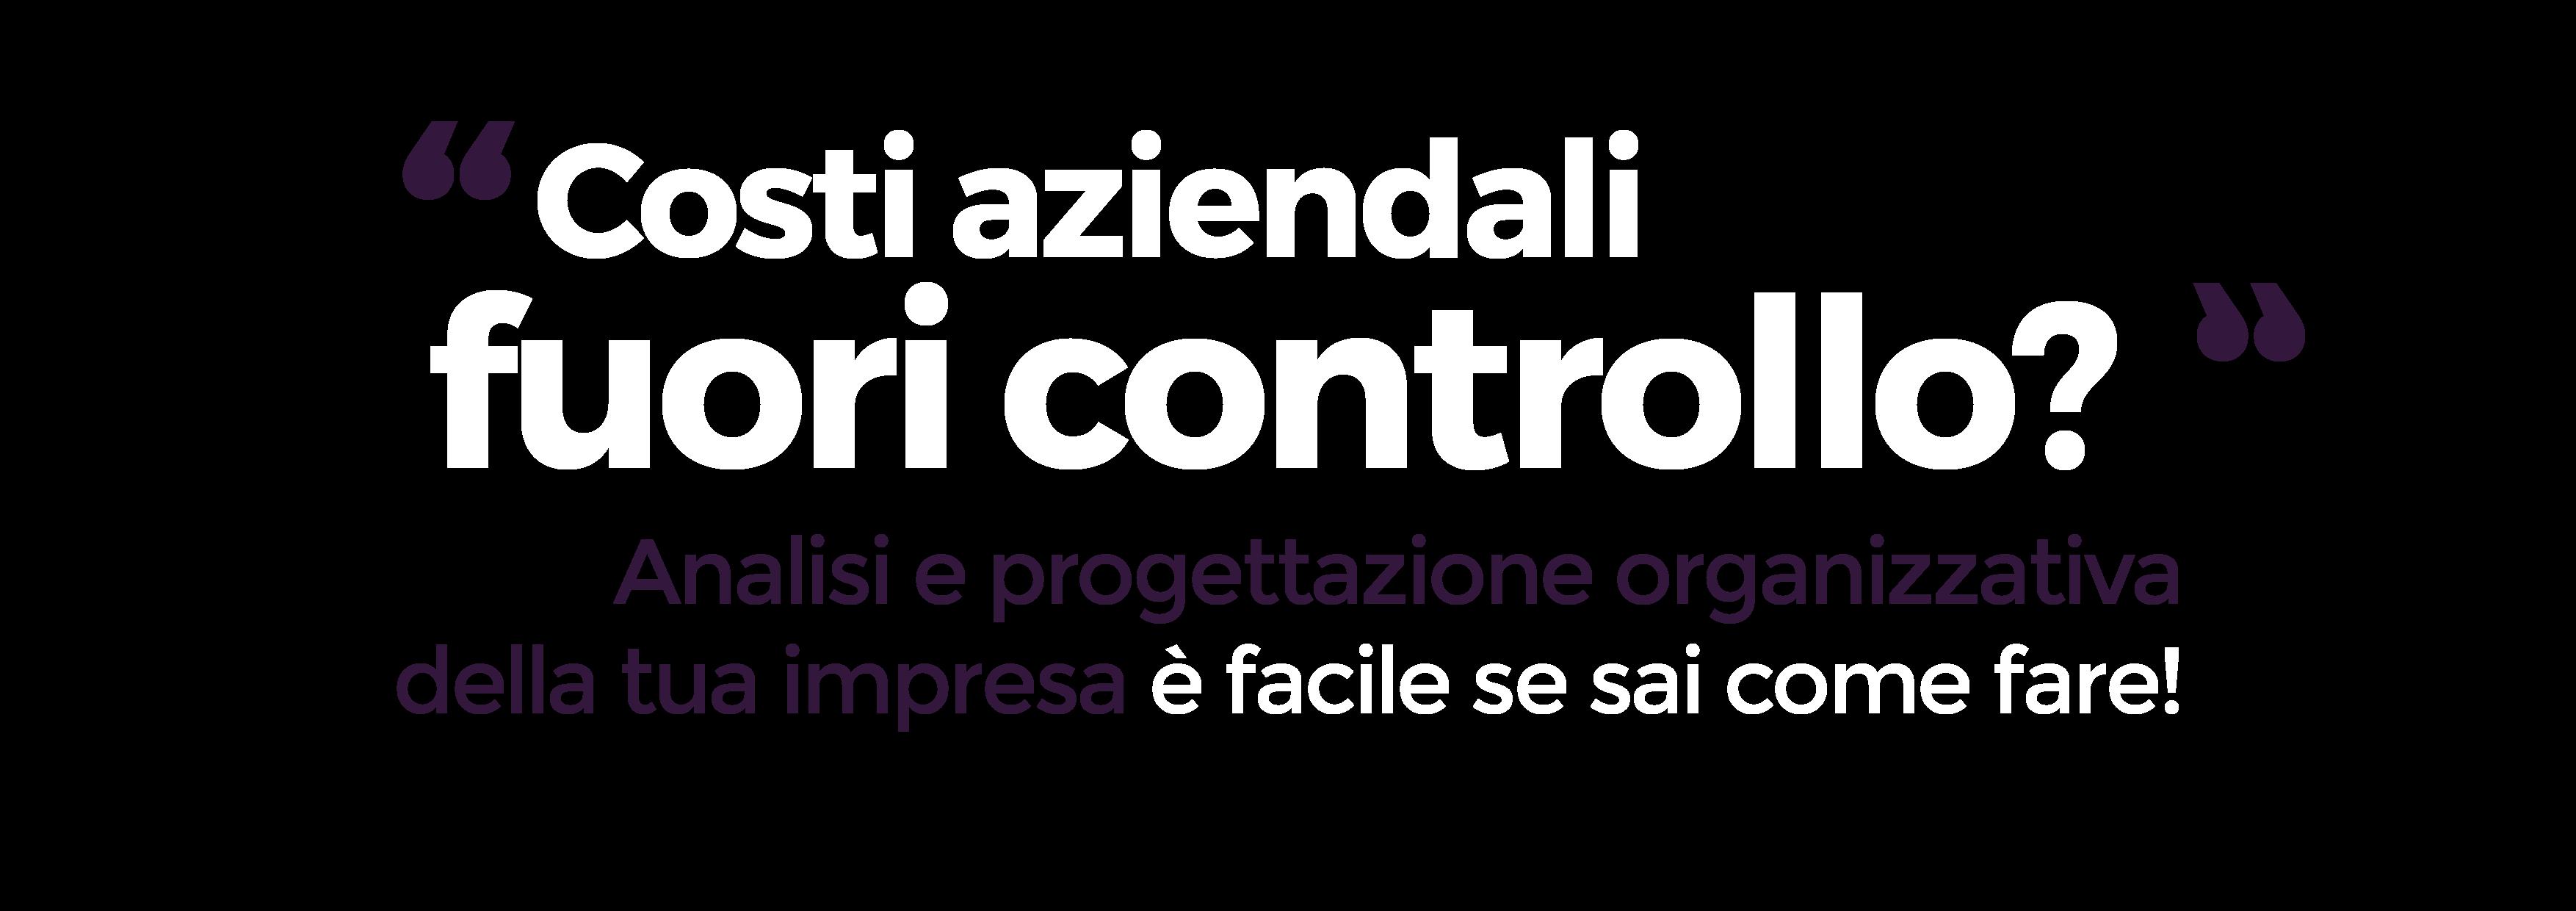 Adea_sito_slide2